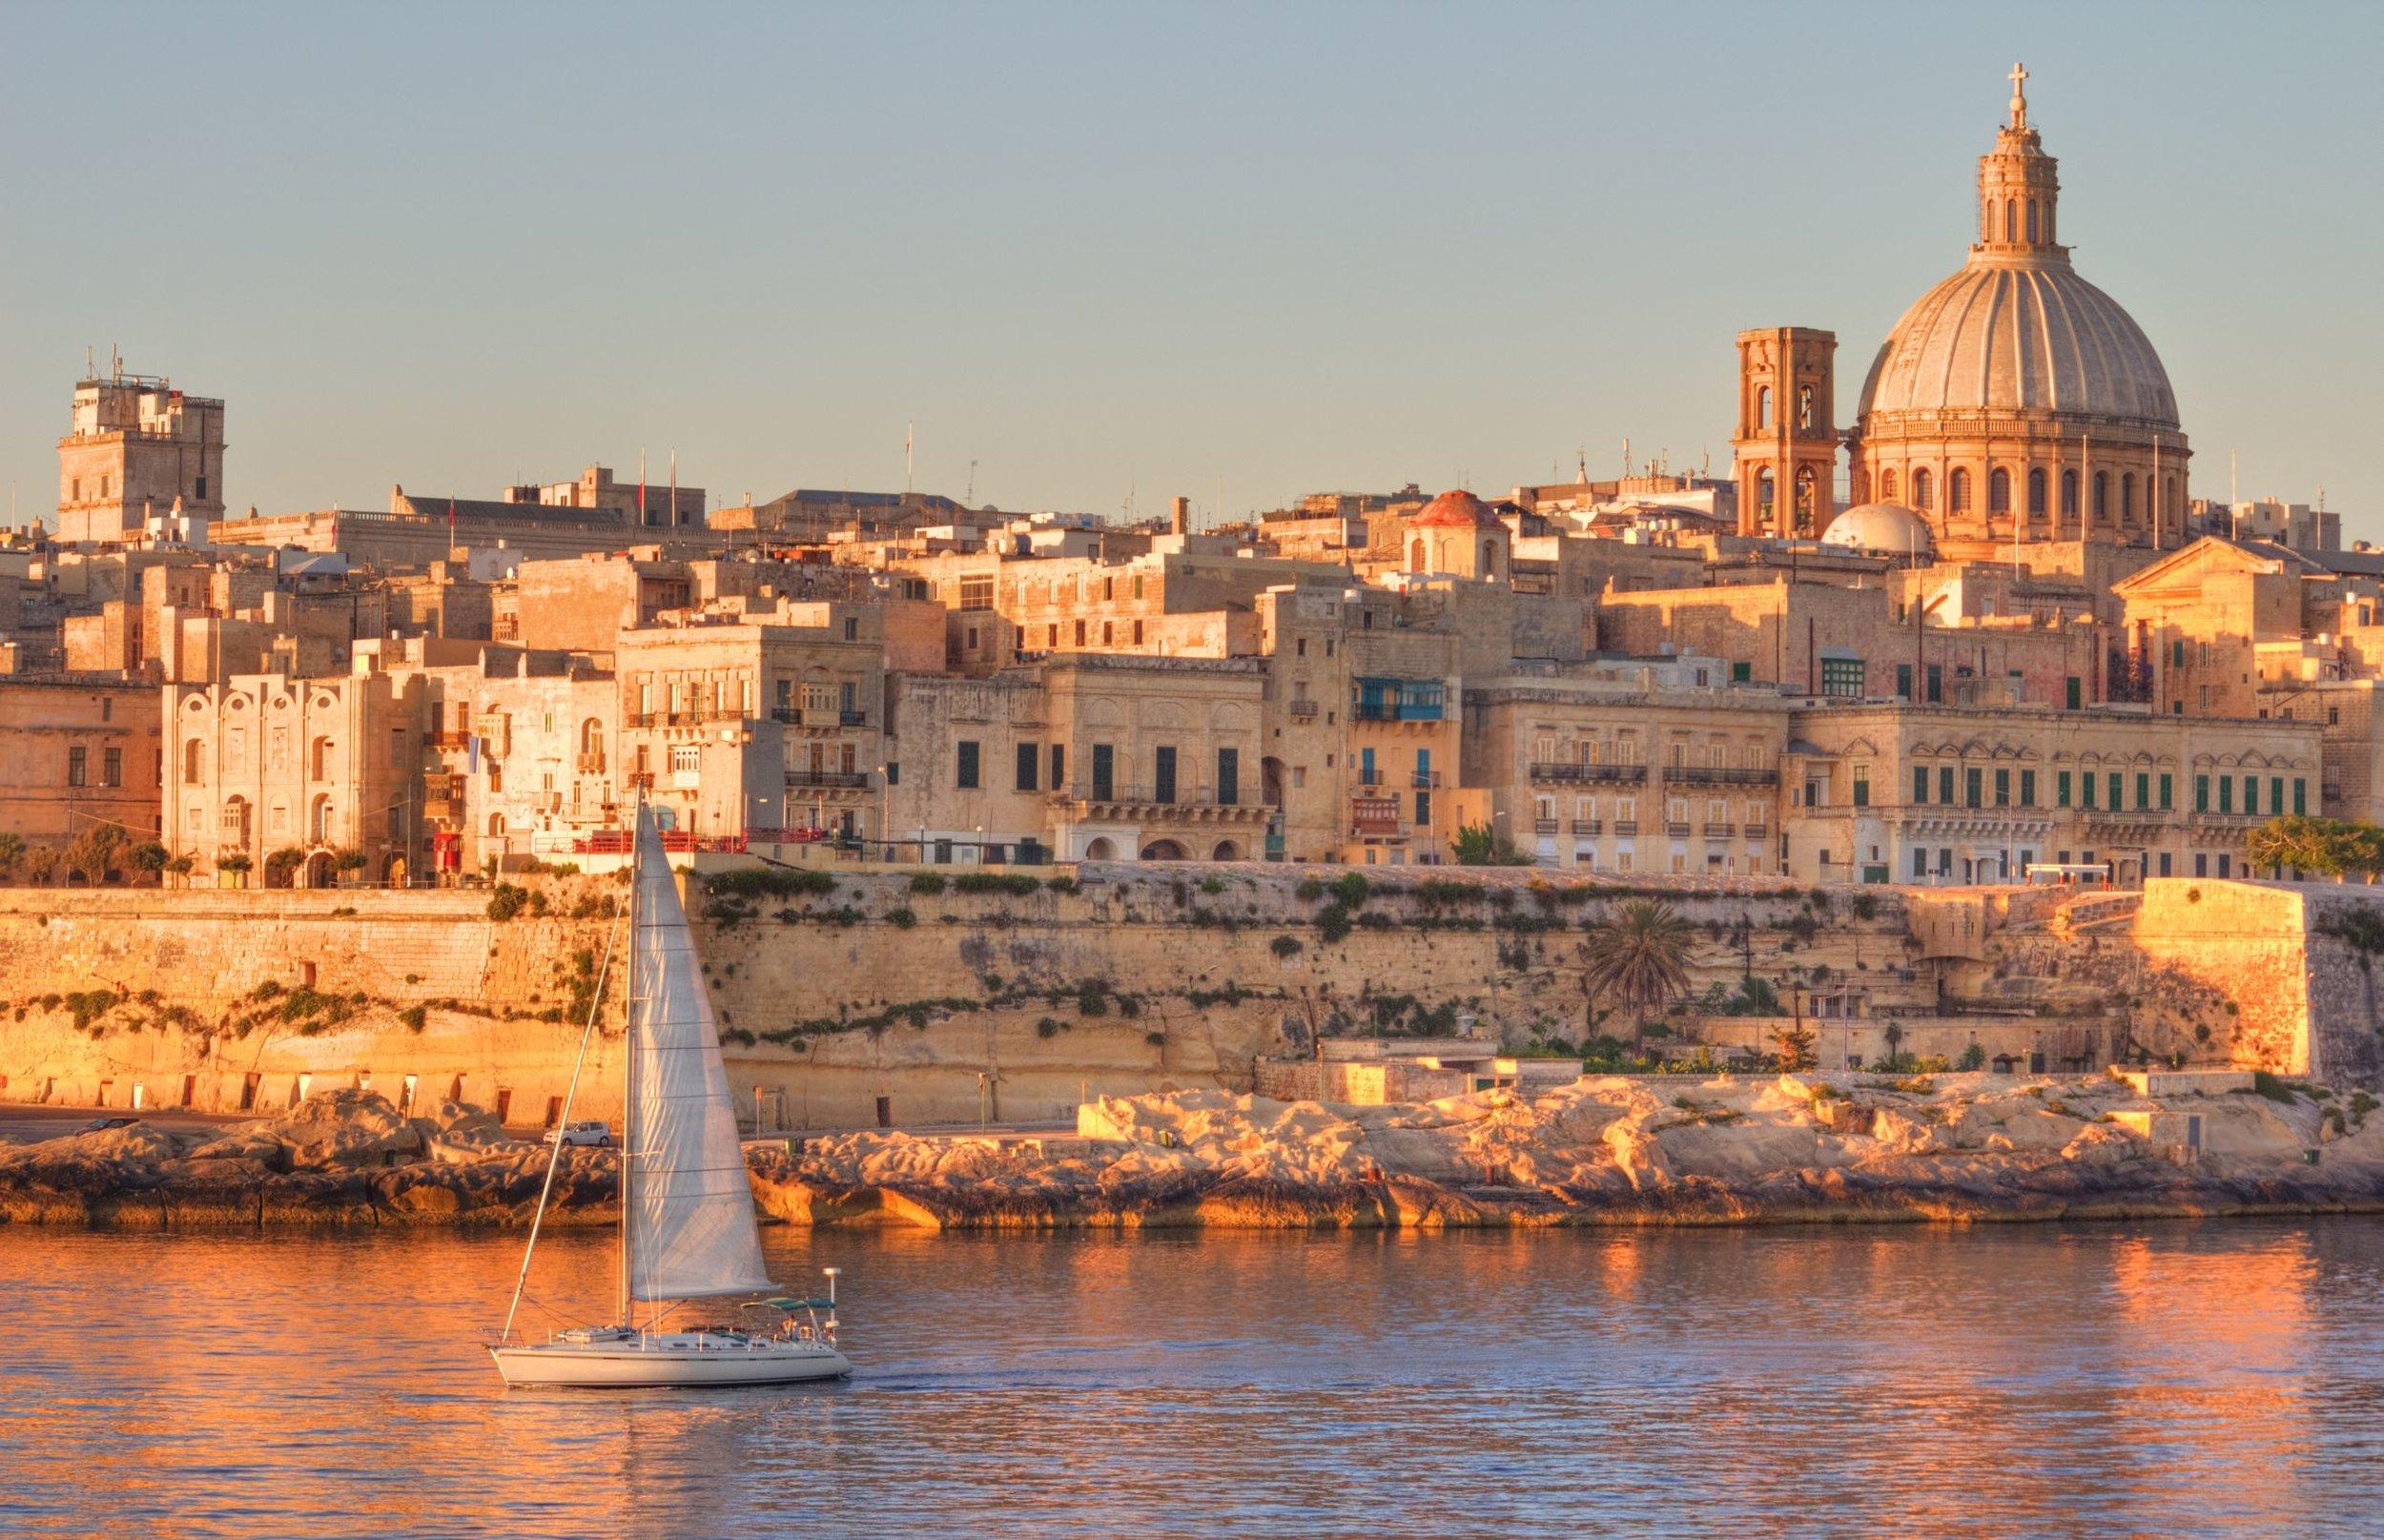 The City of Valletta, Malta